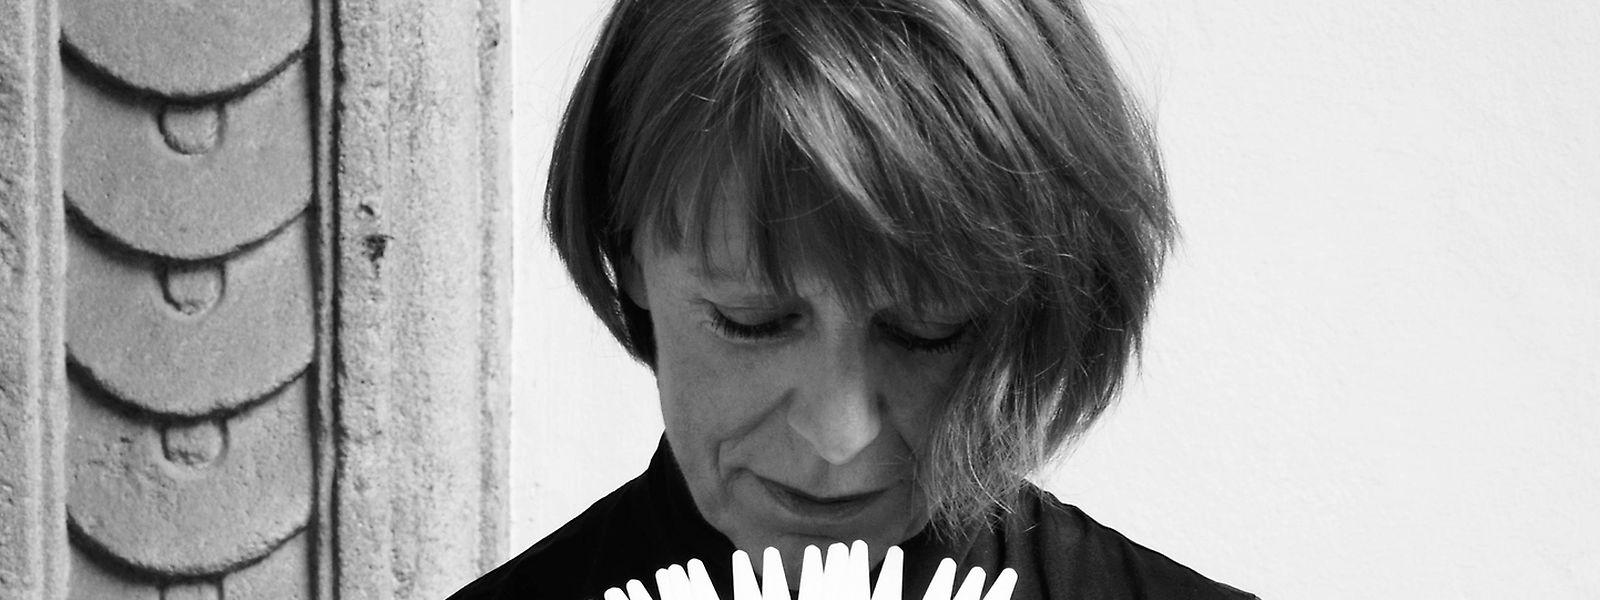 Diese Frau kann man(n) nicht so schnell an der Nase herumführen: Olfaktologin Françoise Donche.